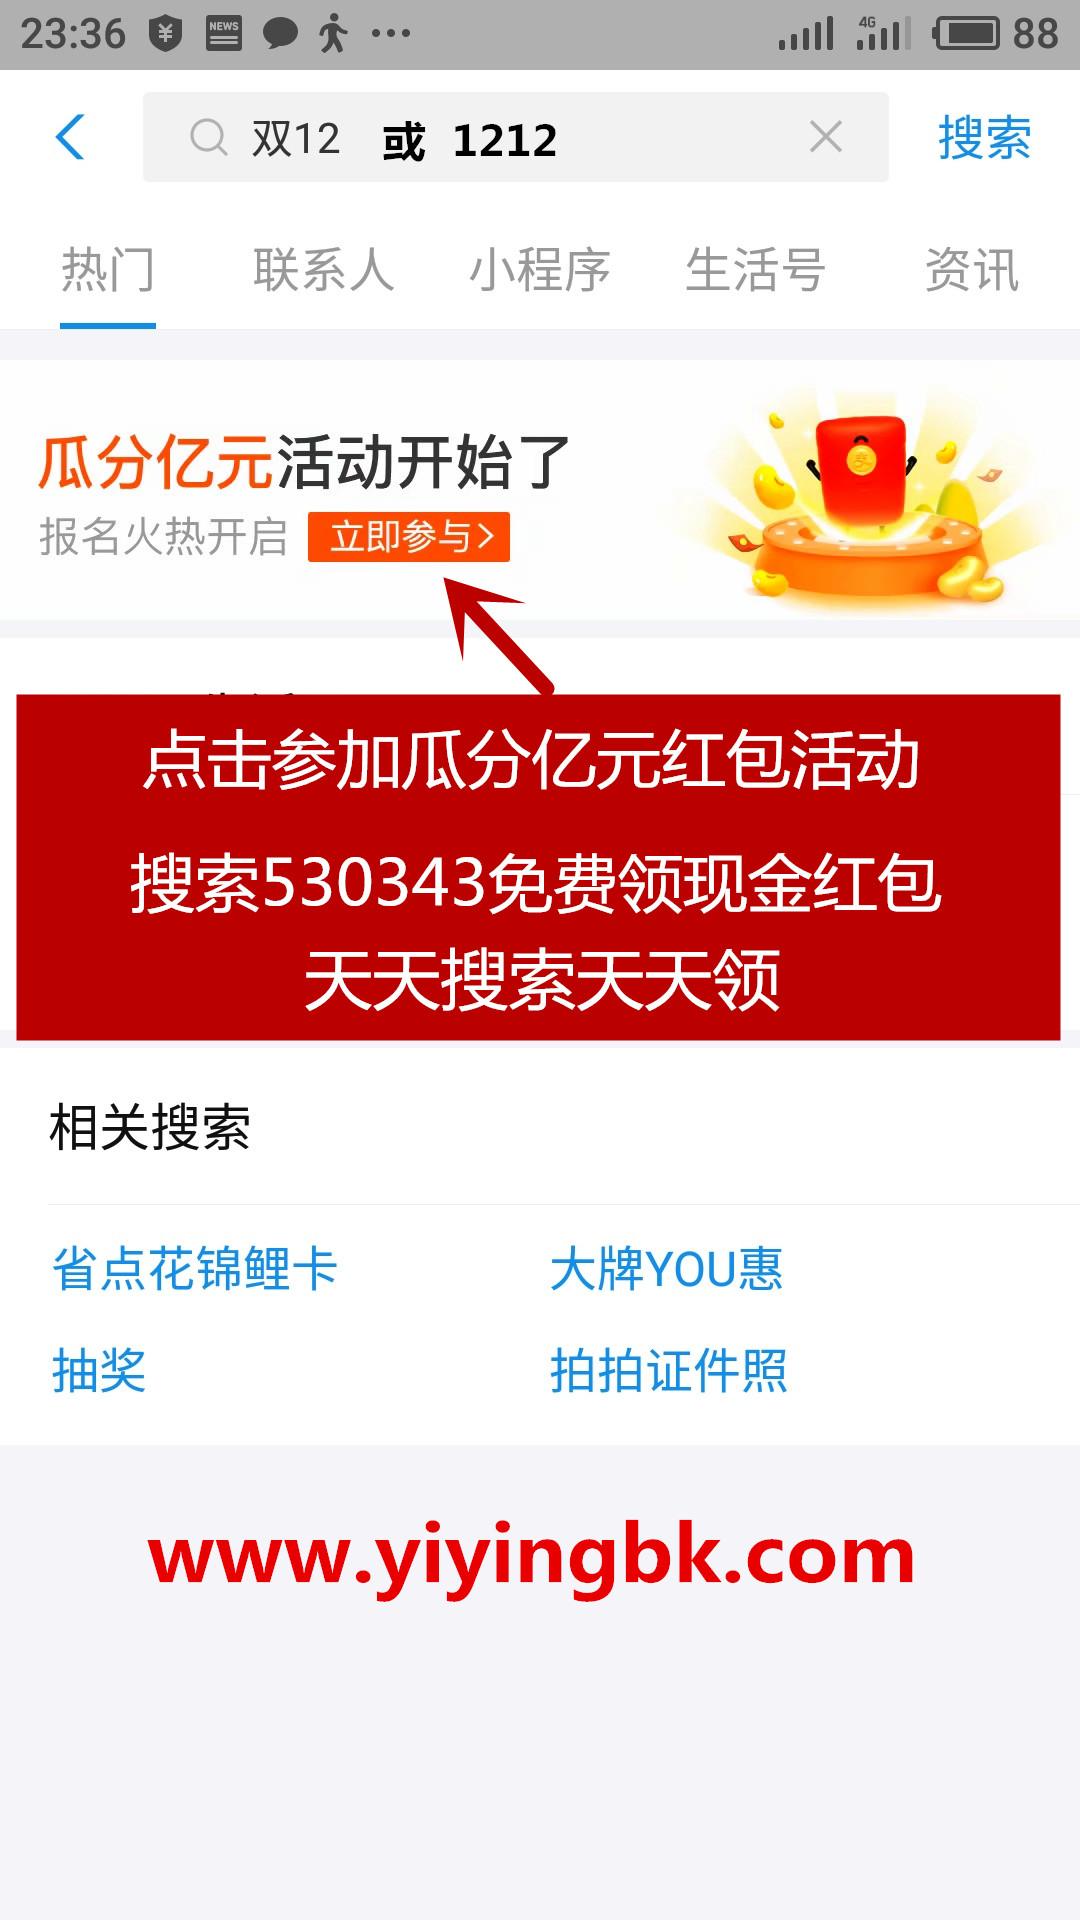 搜索双12或1212,进入瓜分亿元红包活动。